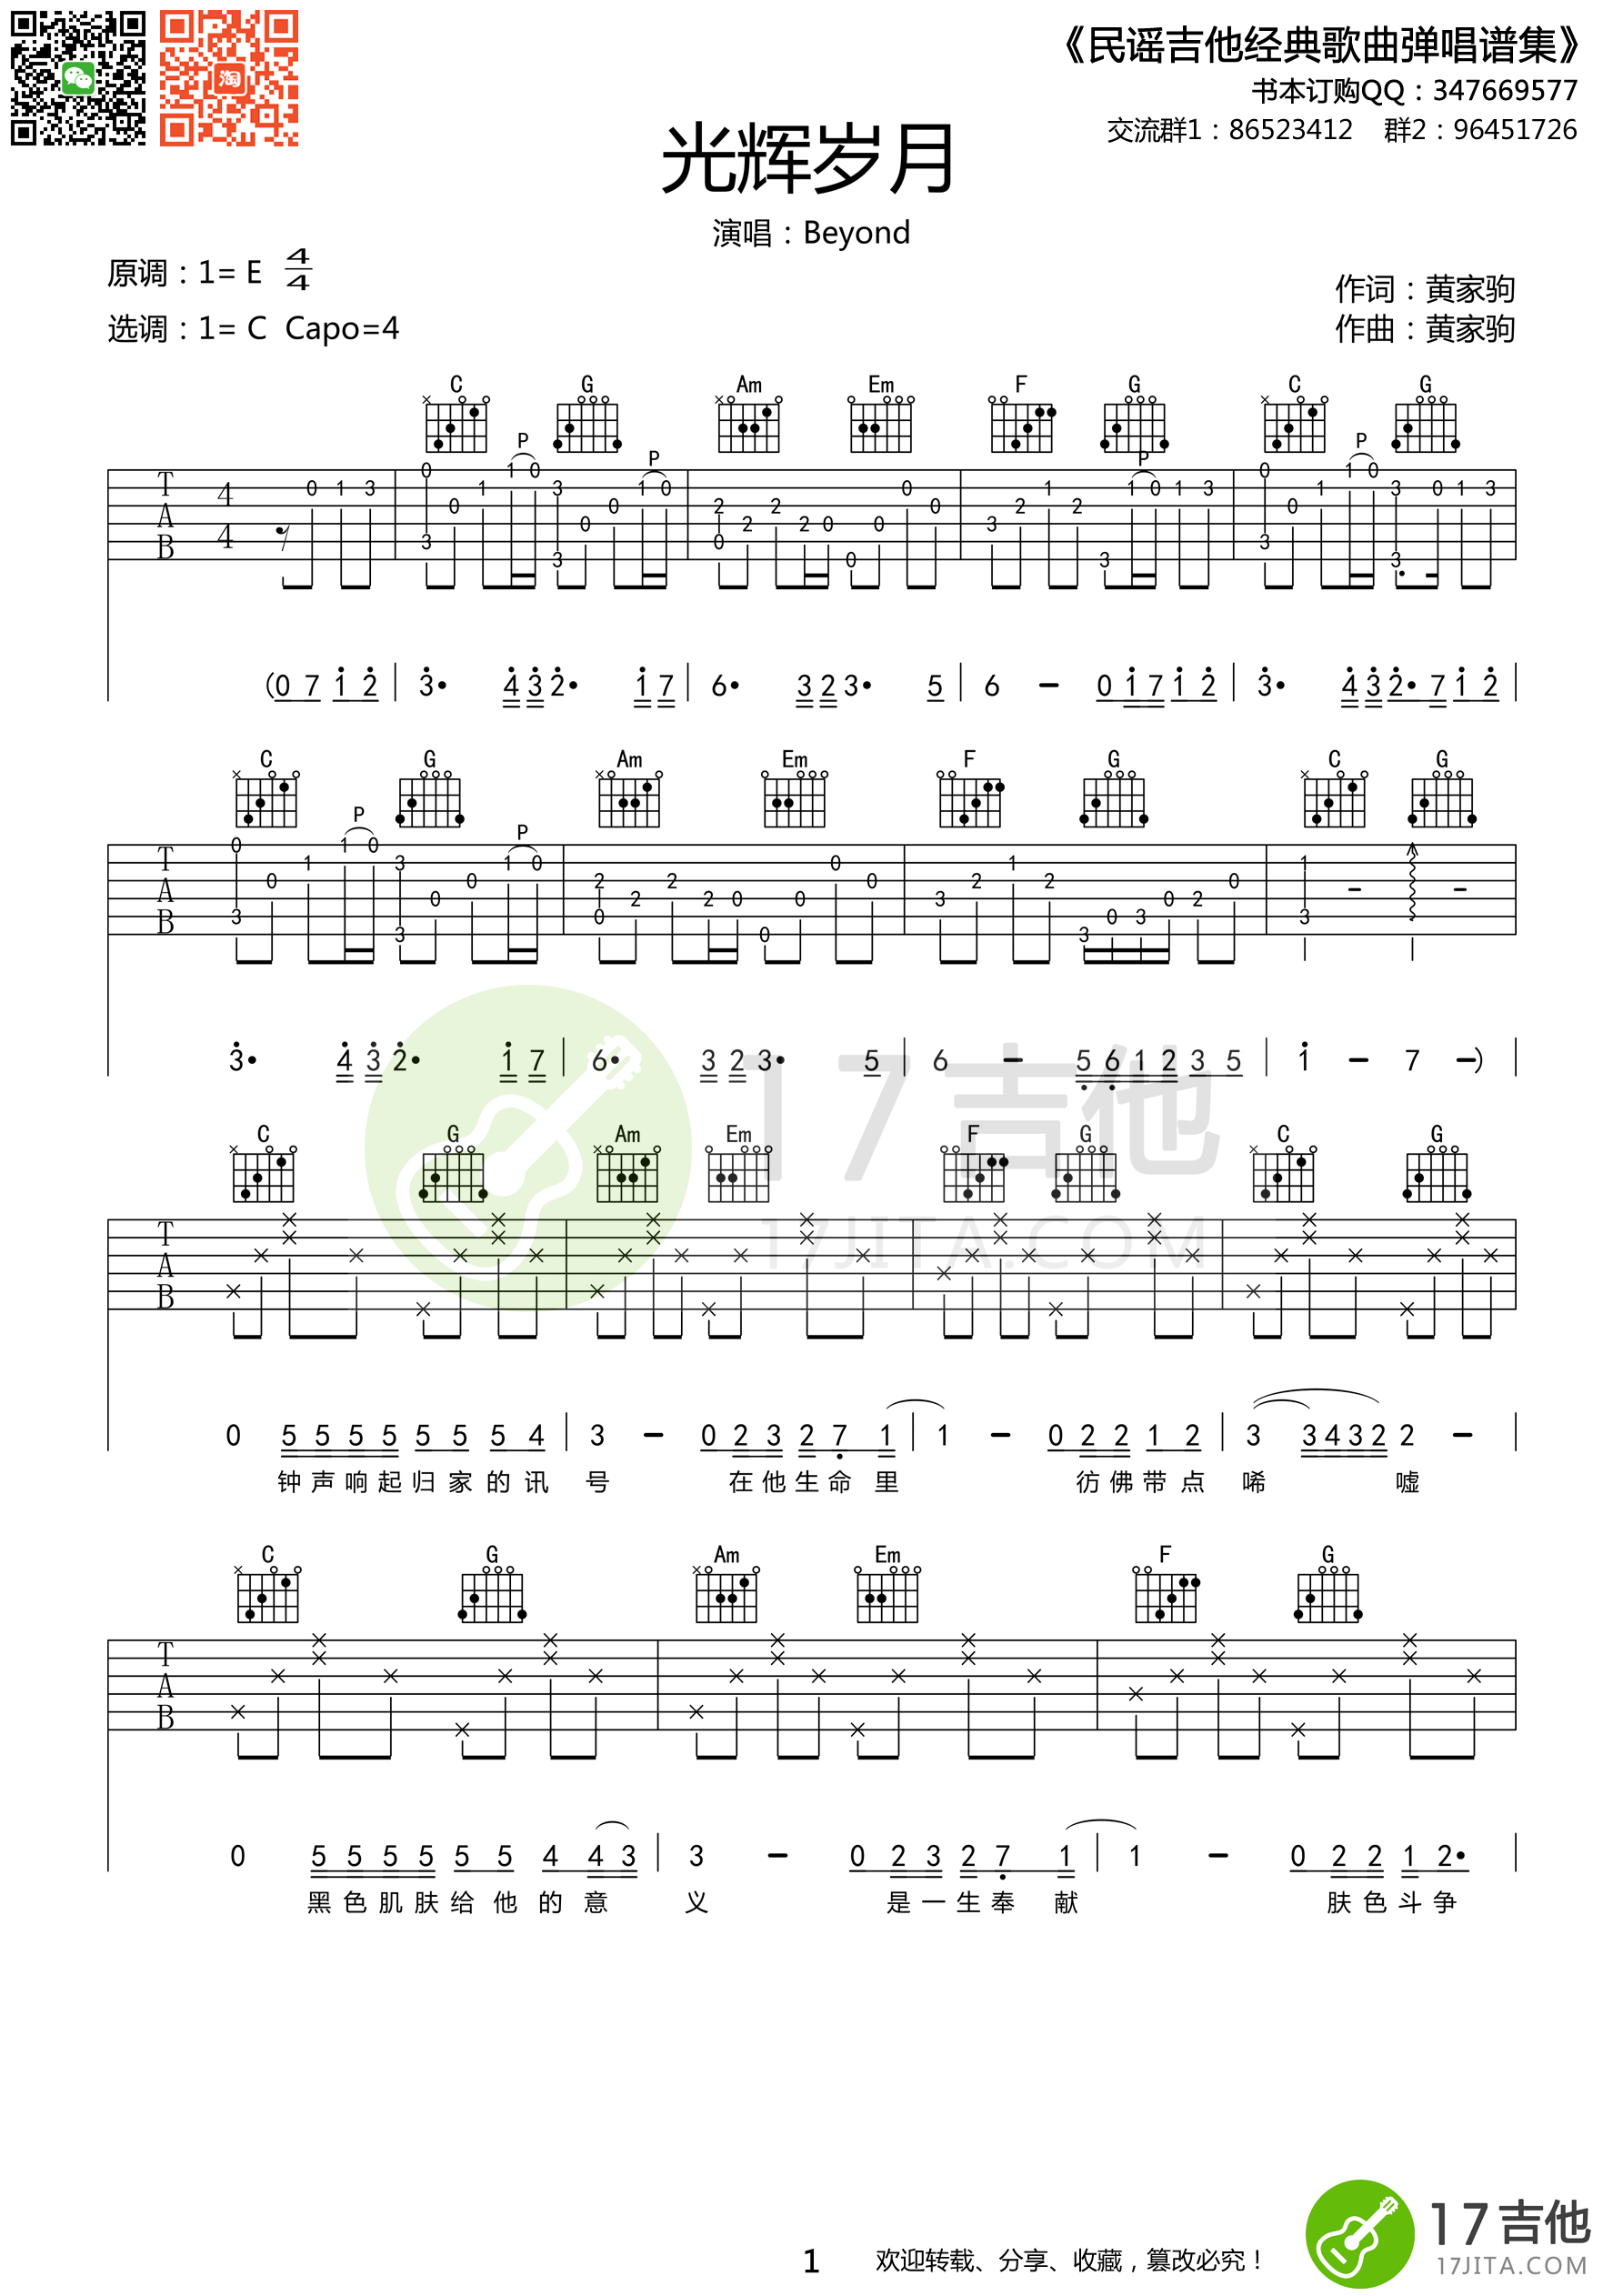 光辉岁月吉他谱-Beyond 一生经过彷徨的挣扎1